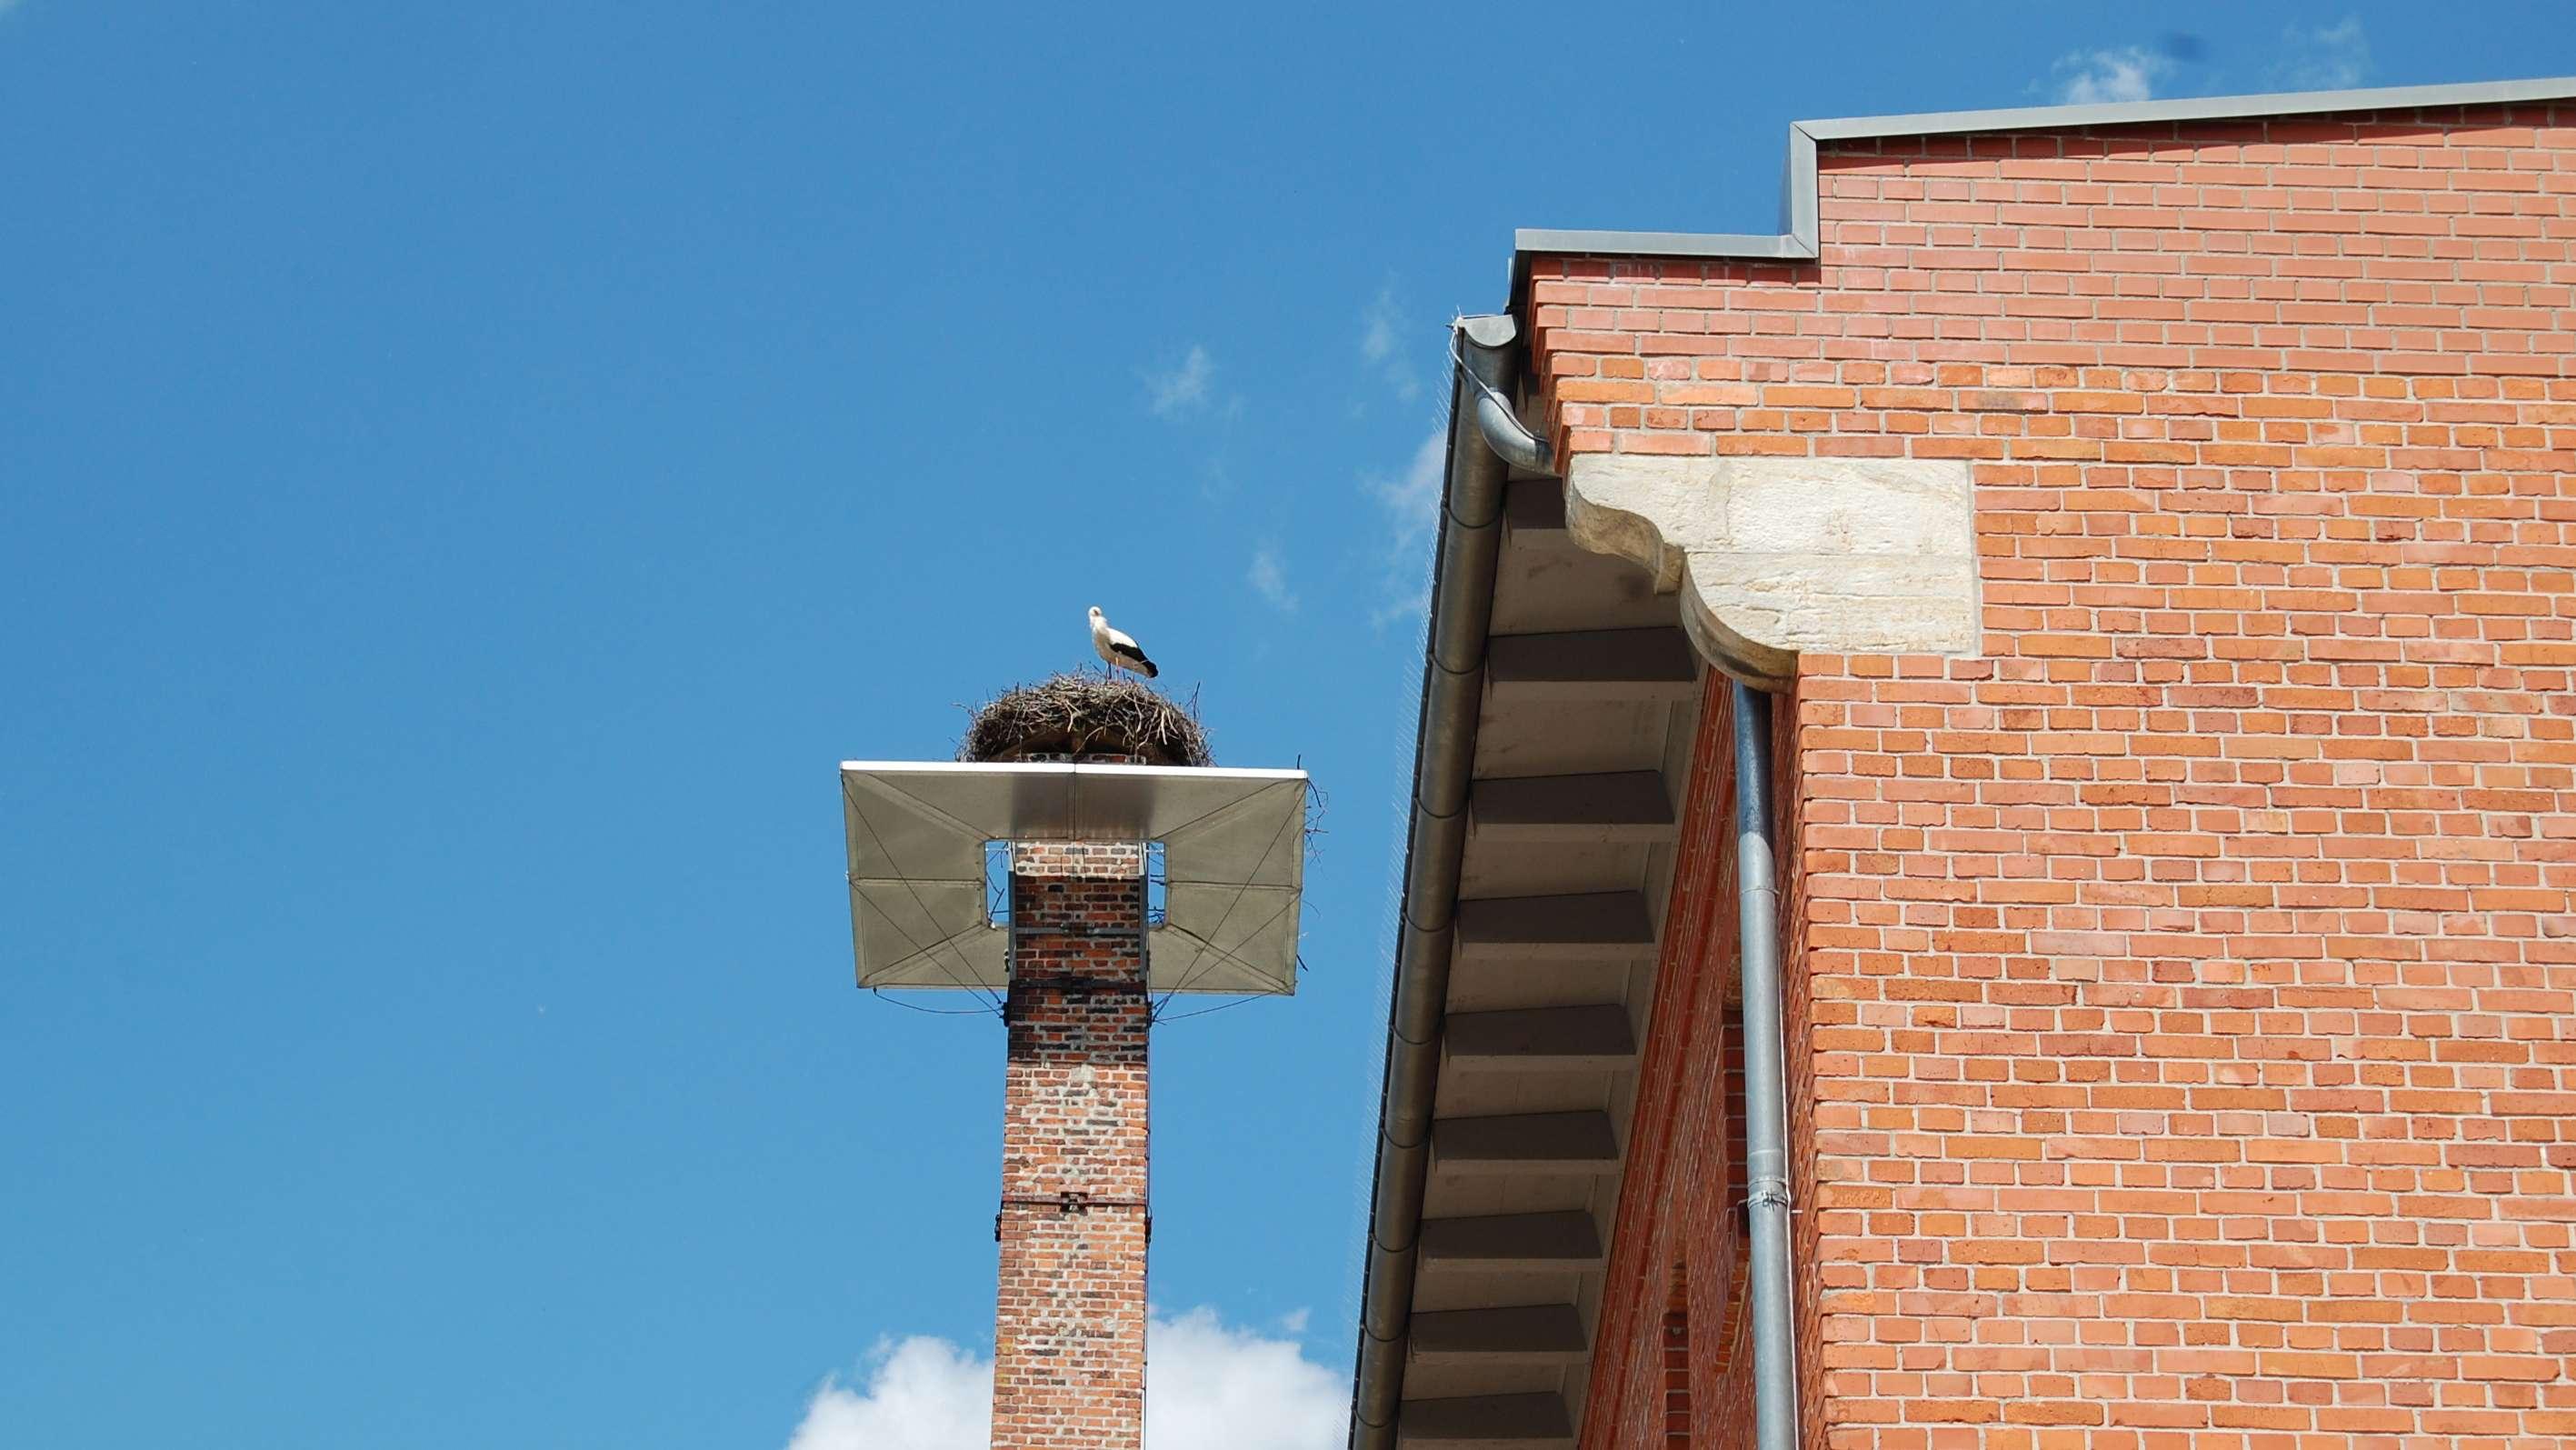 Storch sitzt im Storchennest auf dem Schlot der ehemaligen Brauerei in Oberkonnersreuth